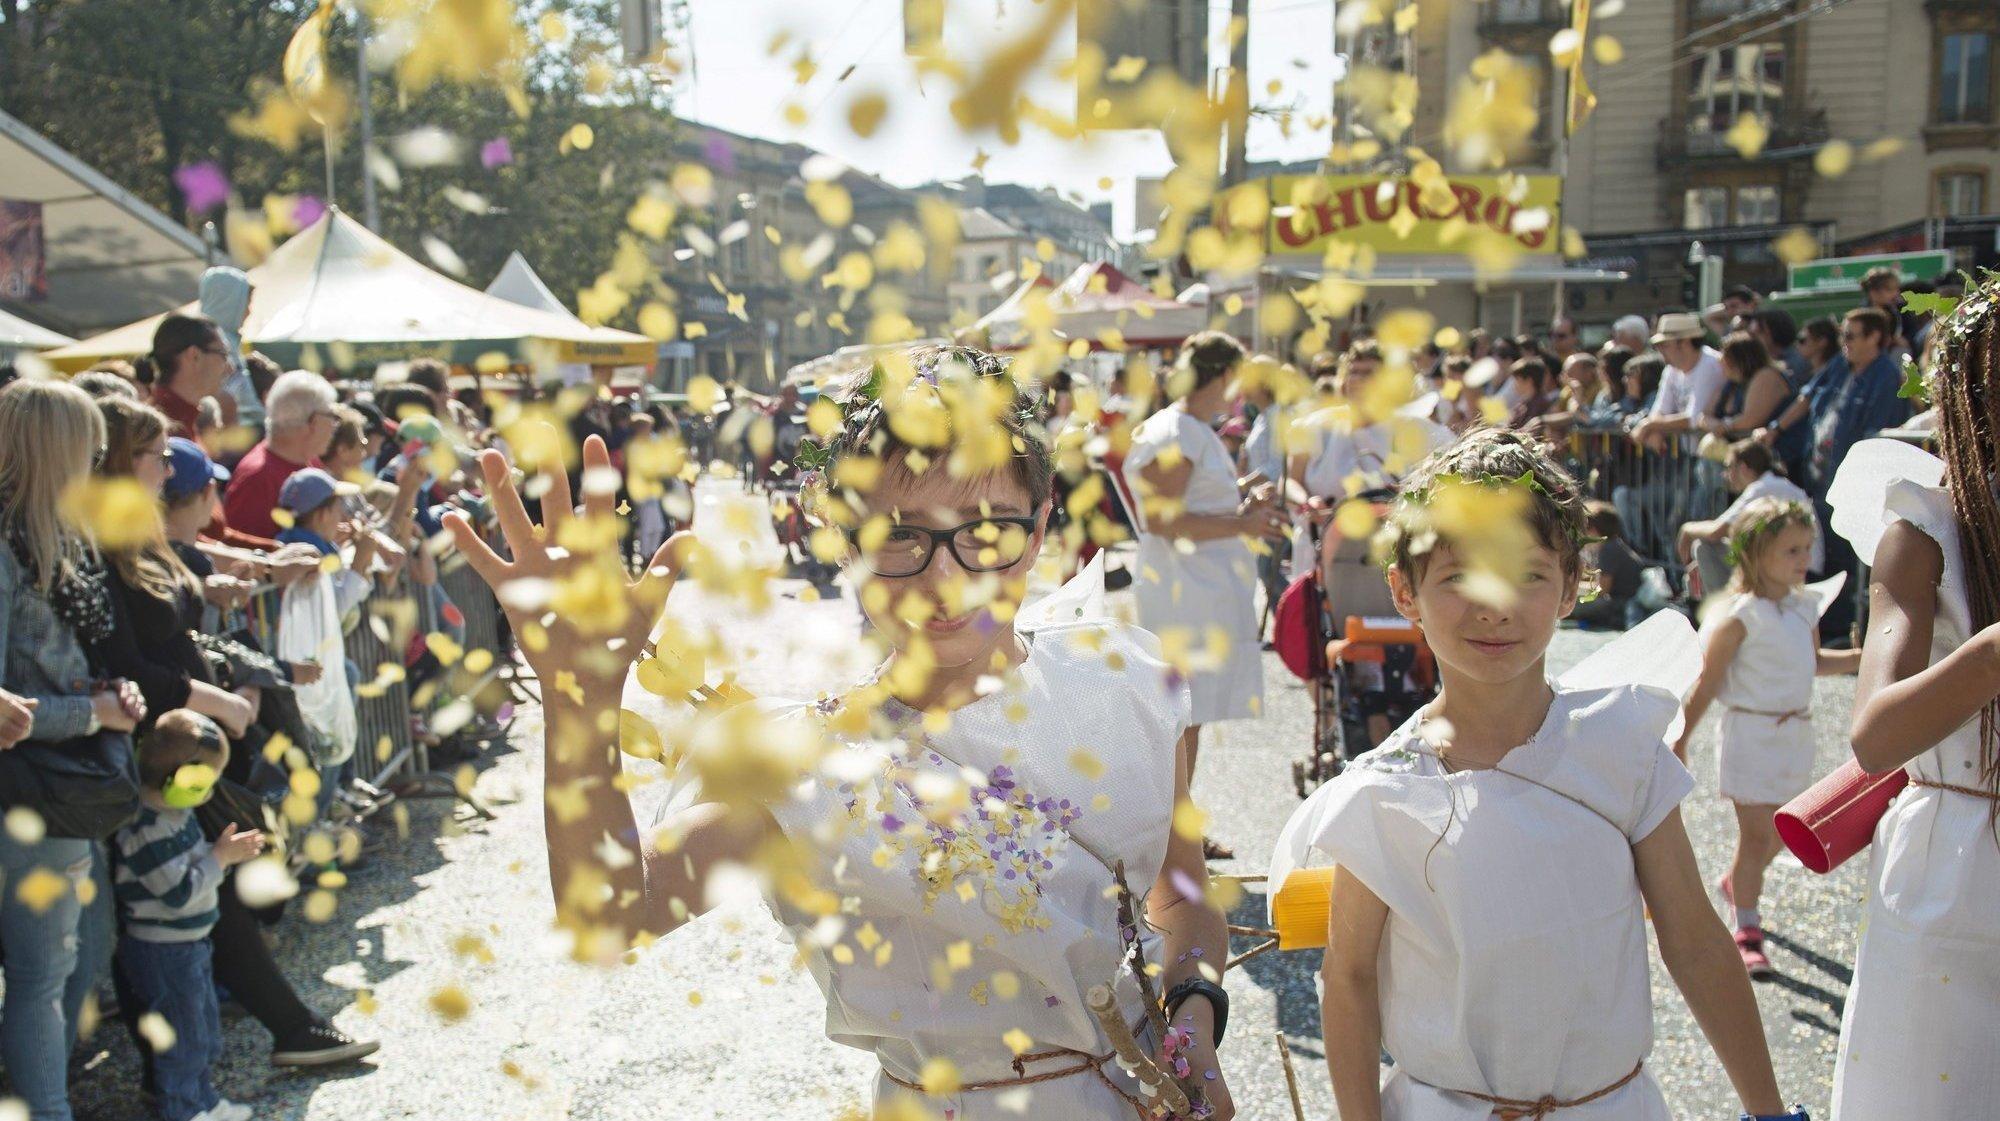 Neuchâtel: on fait quoi pour la Fête des vendanges?